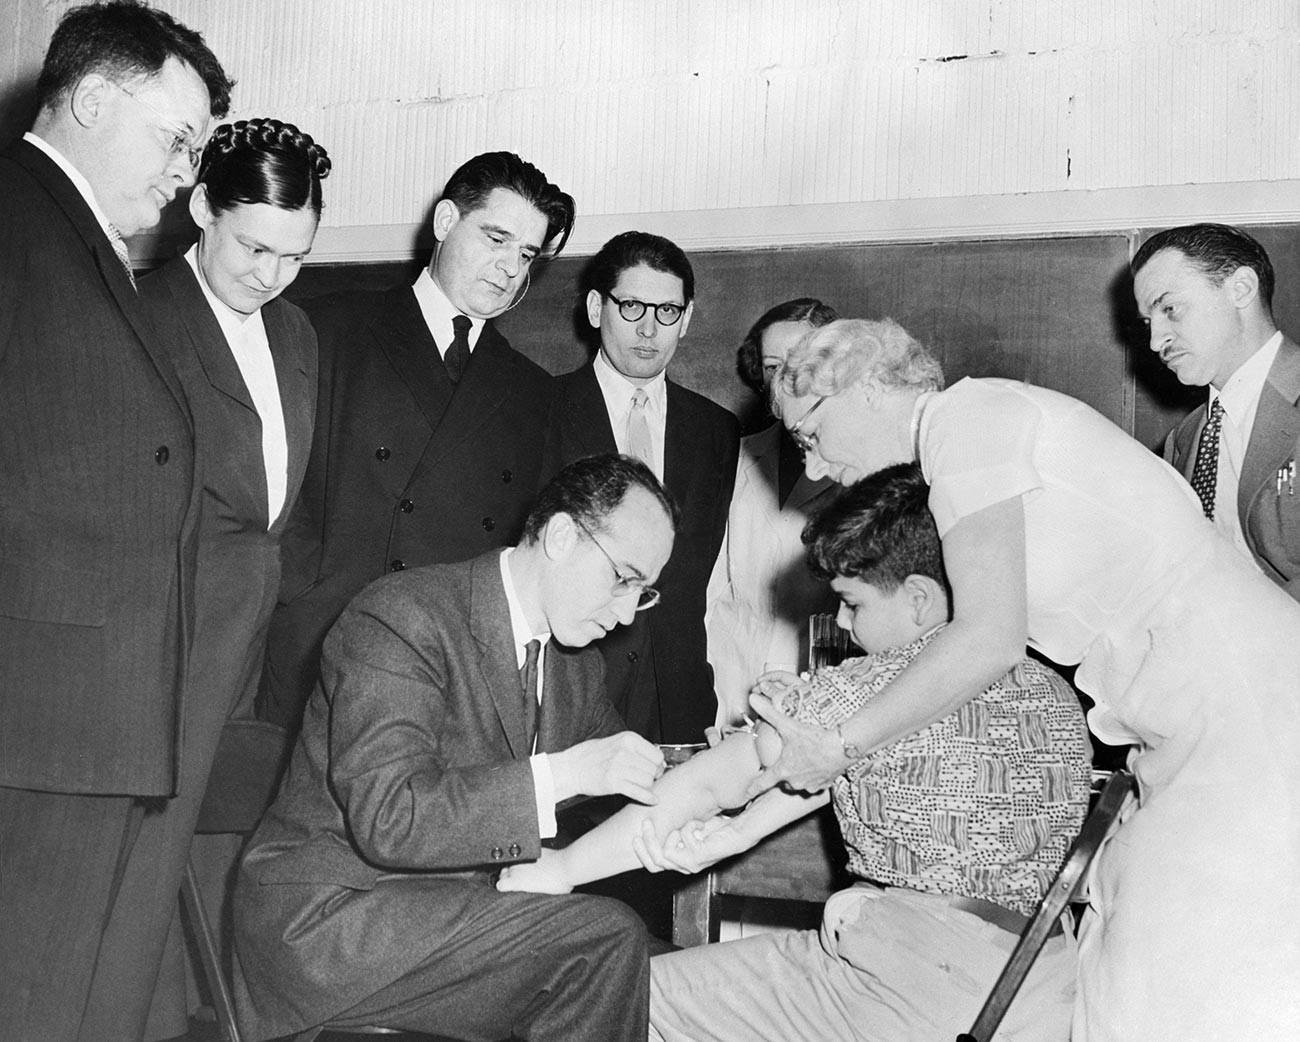 Cientistas russos em visita aos Estados Unidos observam Dr. Jonas Salk administrar injeção de sua vacina antipólio em Paul Anolik, de 9 anos